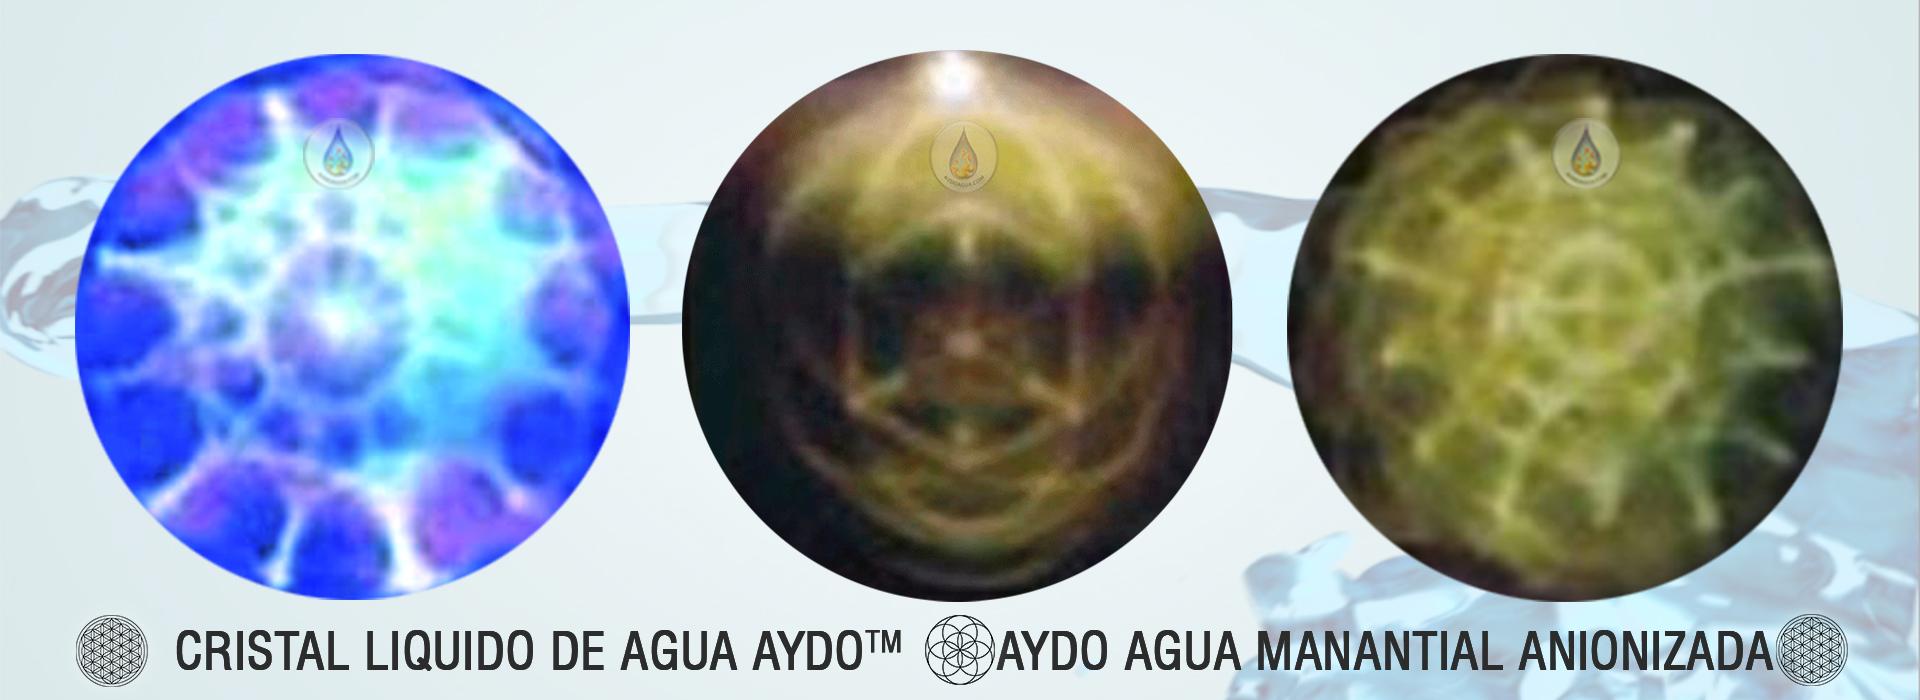 Agua cristal liquido aydo agua anion-aydoagua